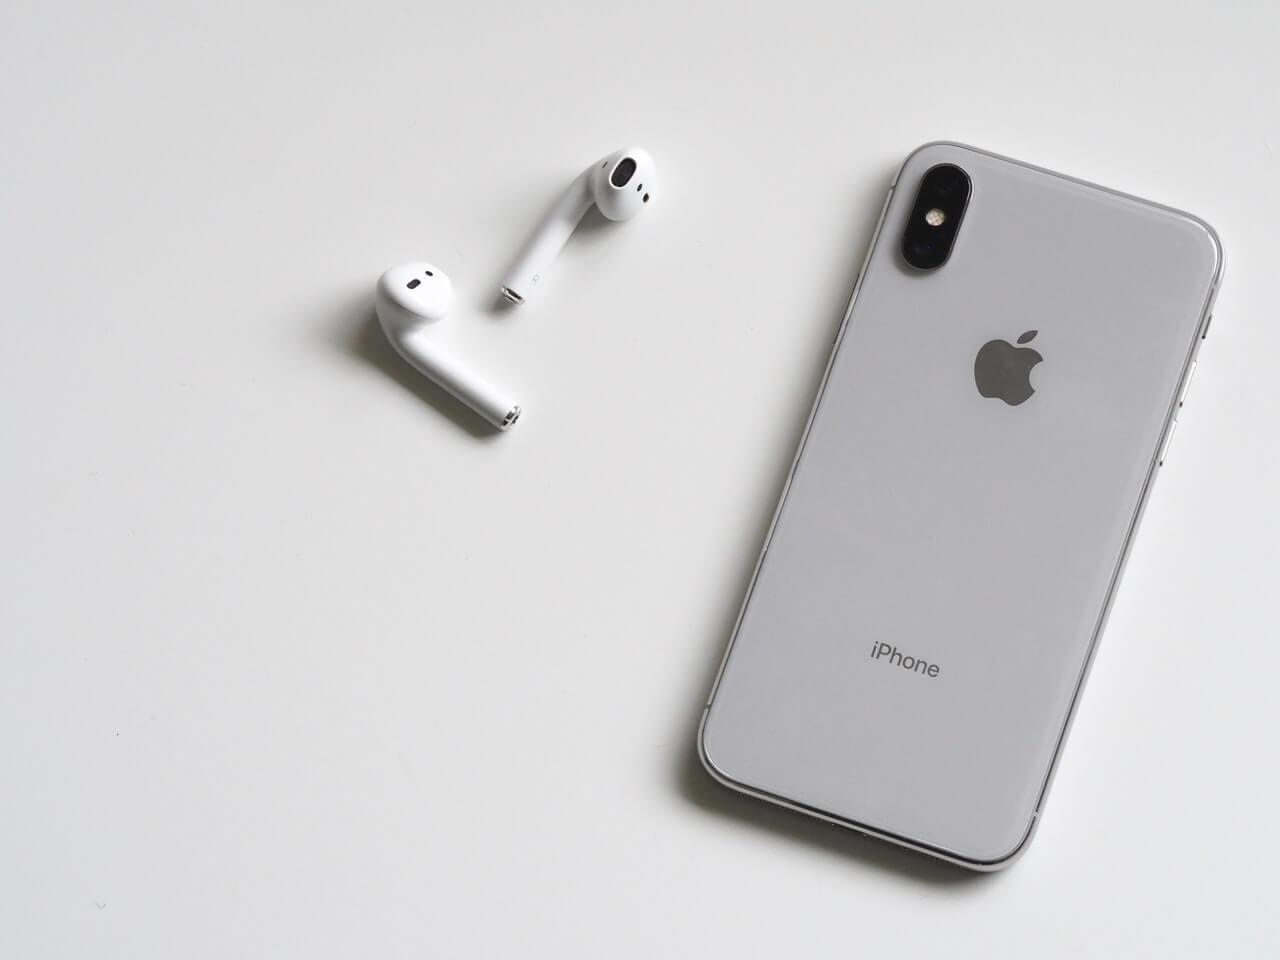 Réparation iPhone l'essentiel à savoir